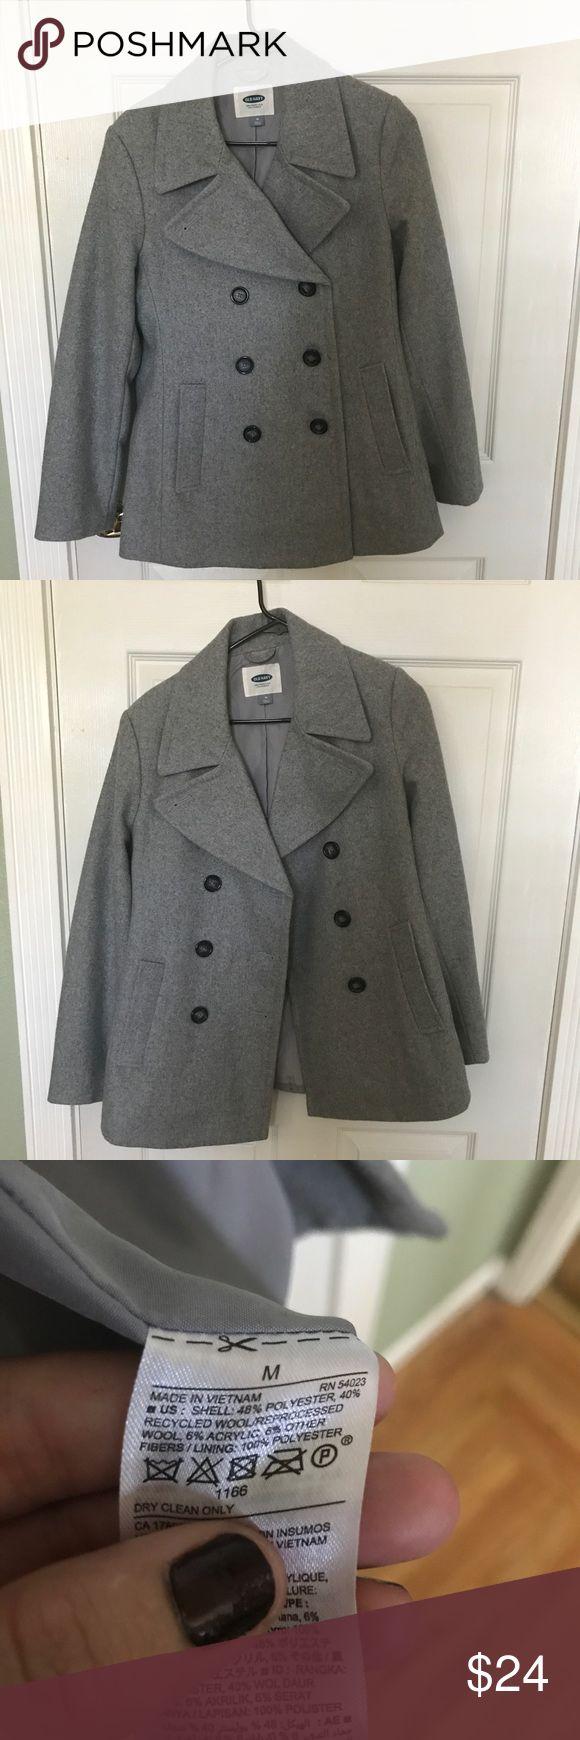 Grey Pea Coat Brand new short double-breasted peacoat light gray color. Old Navy Jackets & Coats Pea Coats